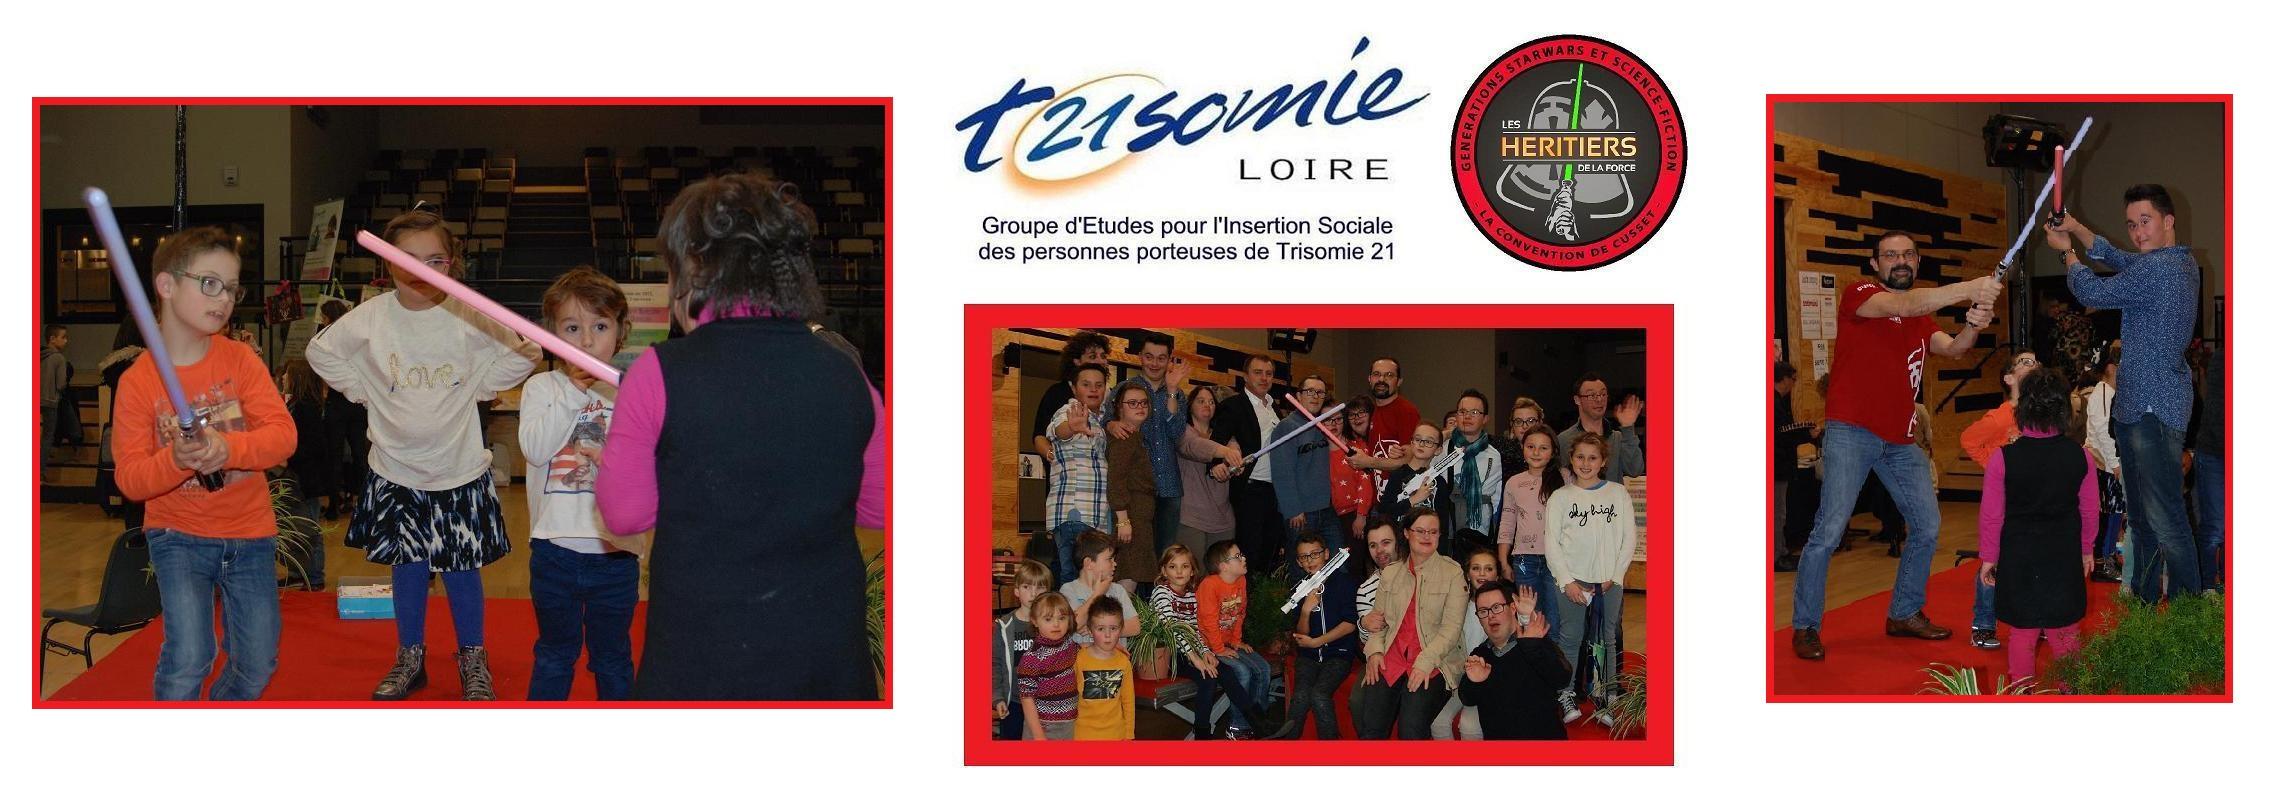 Trisomie 21 Loire